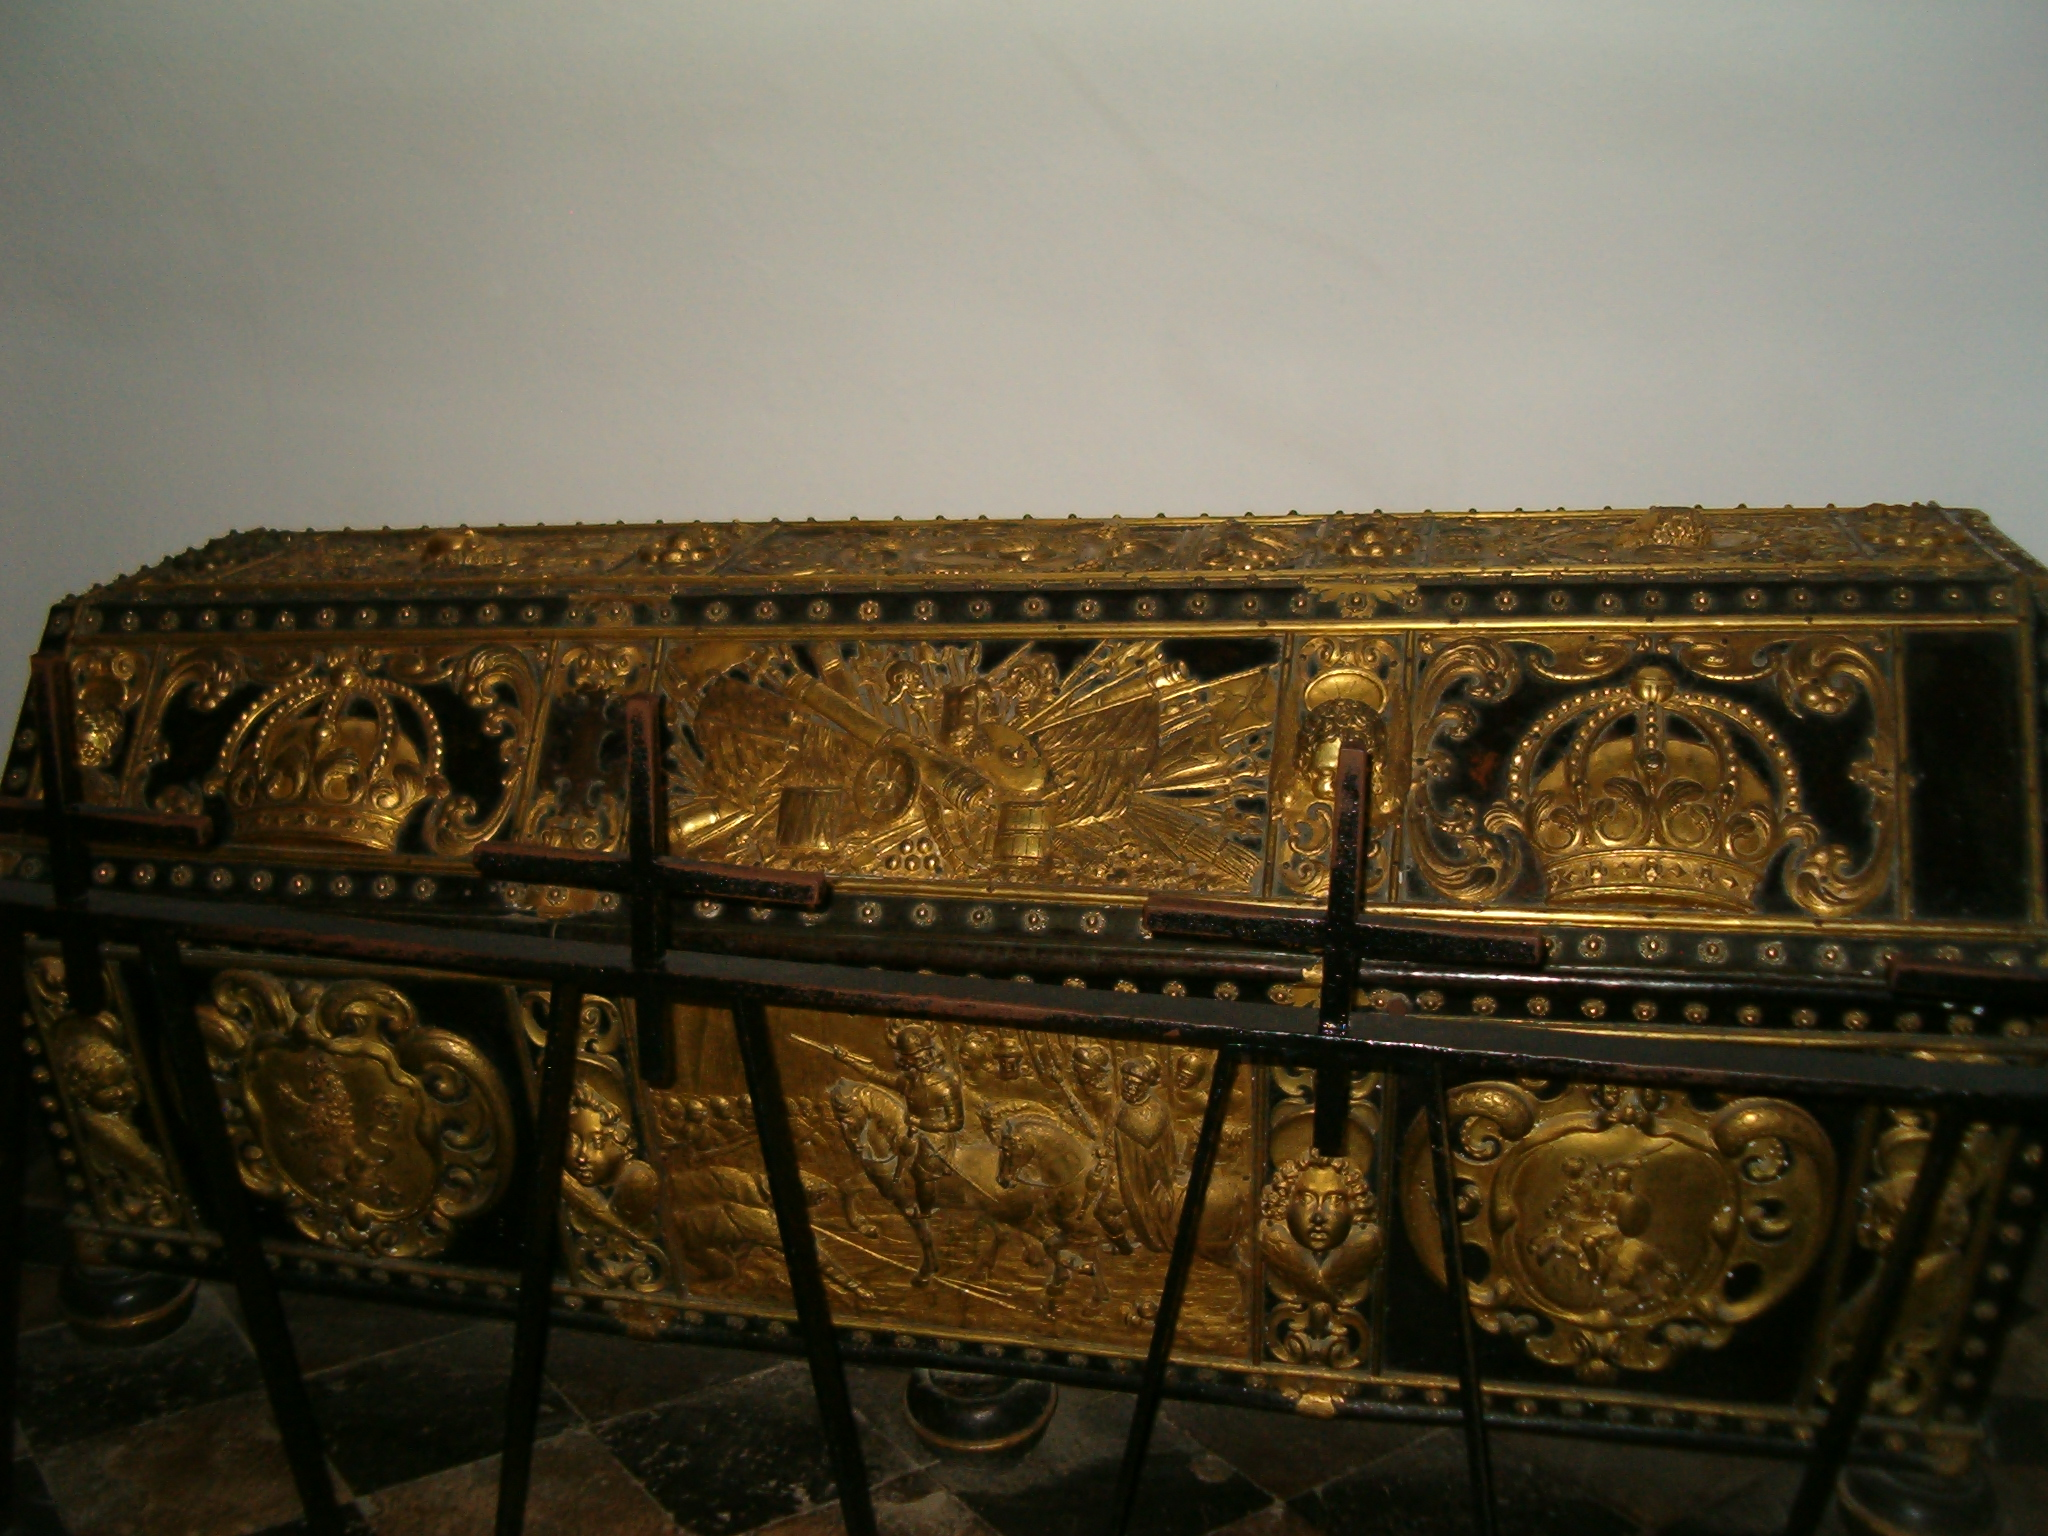 Antique sarkofag photo